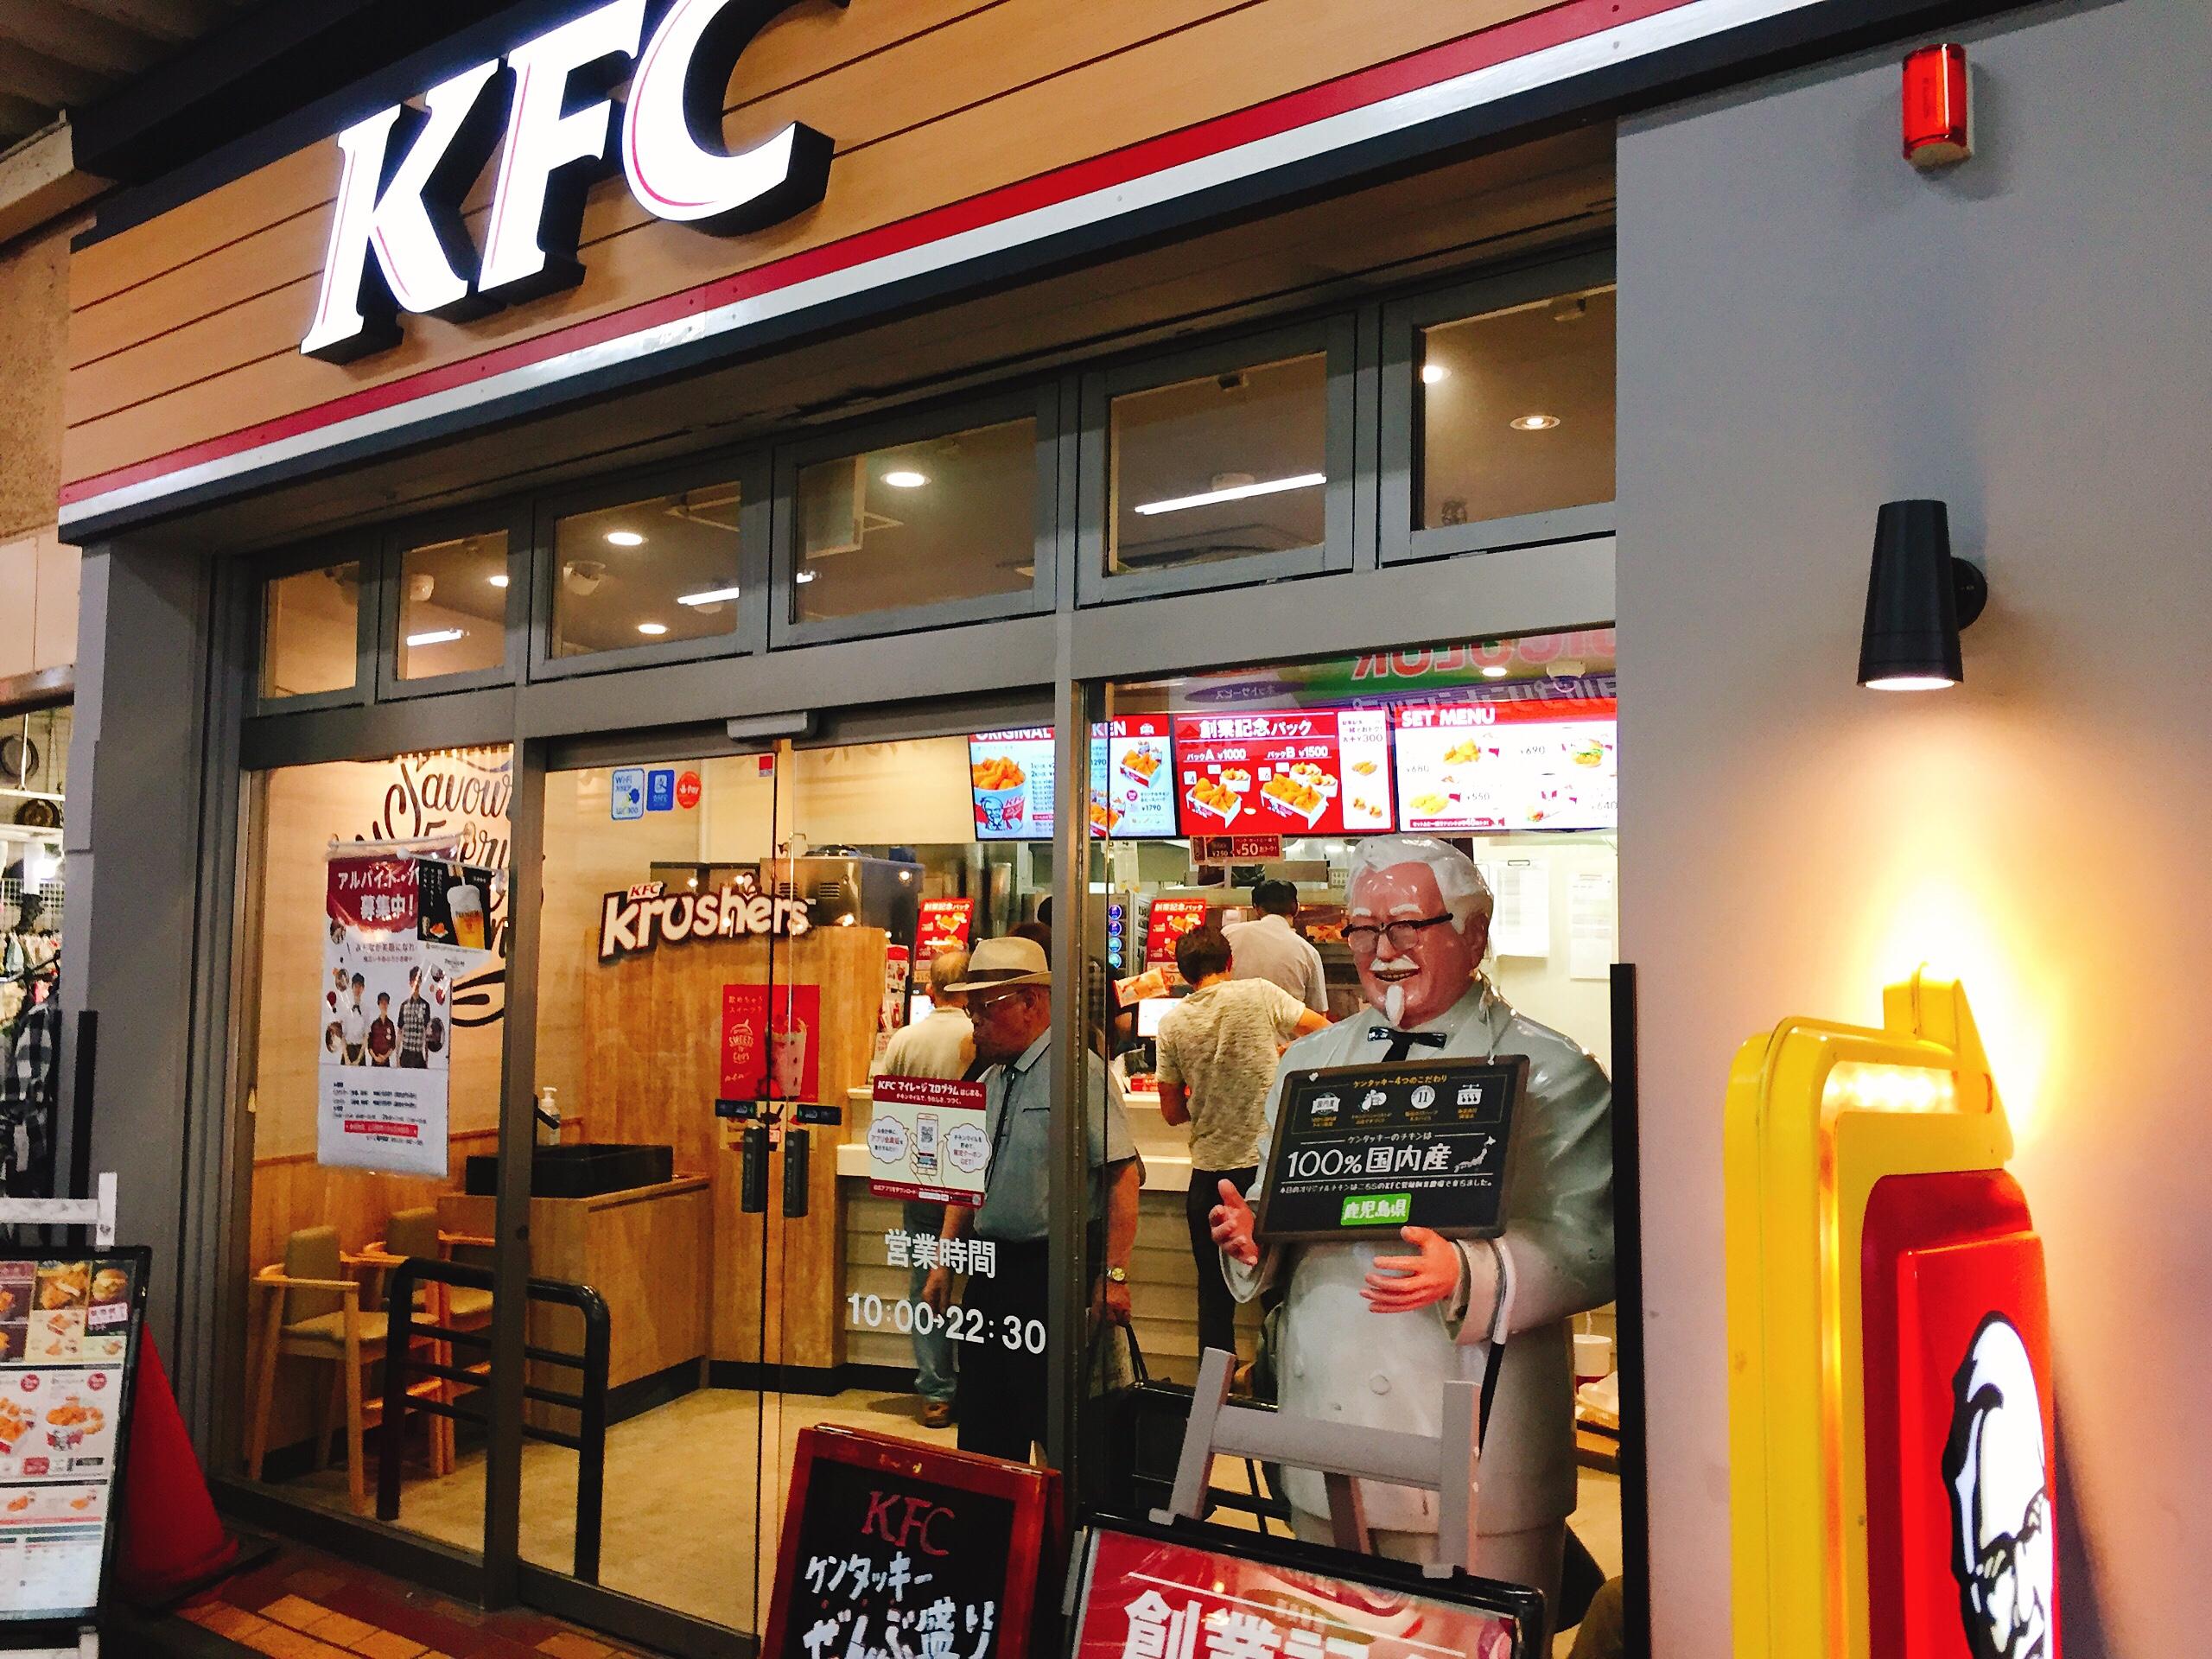 高円寺駅 電源カフェ ケンタッキーフライドチキン 高円寺店